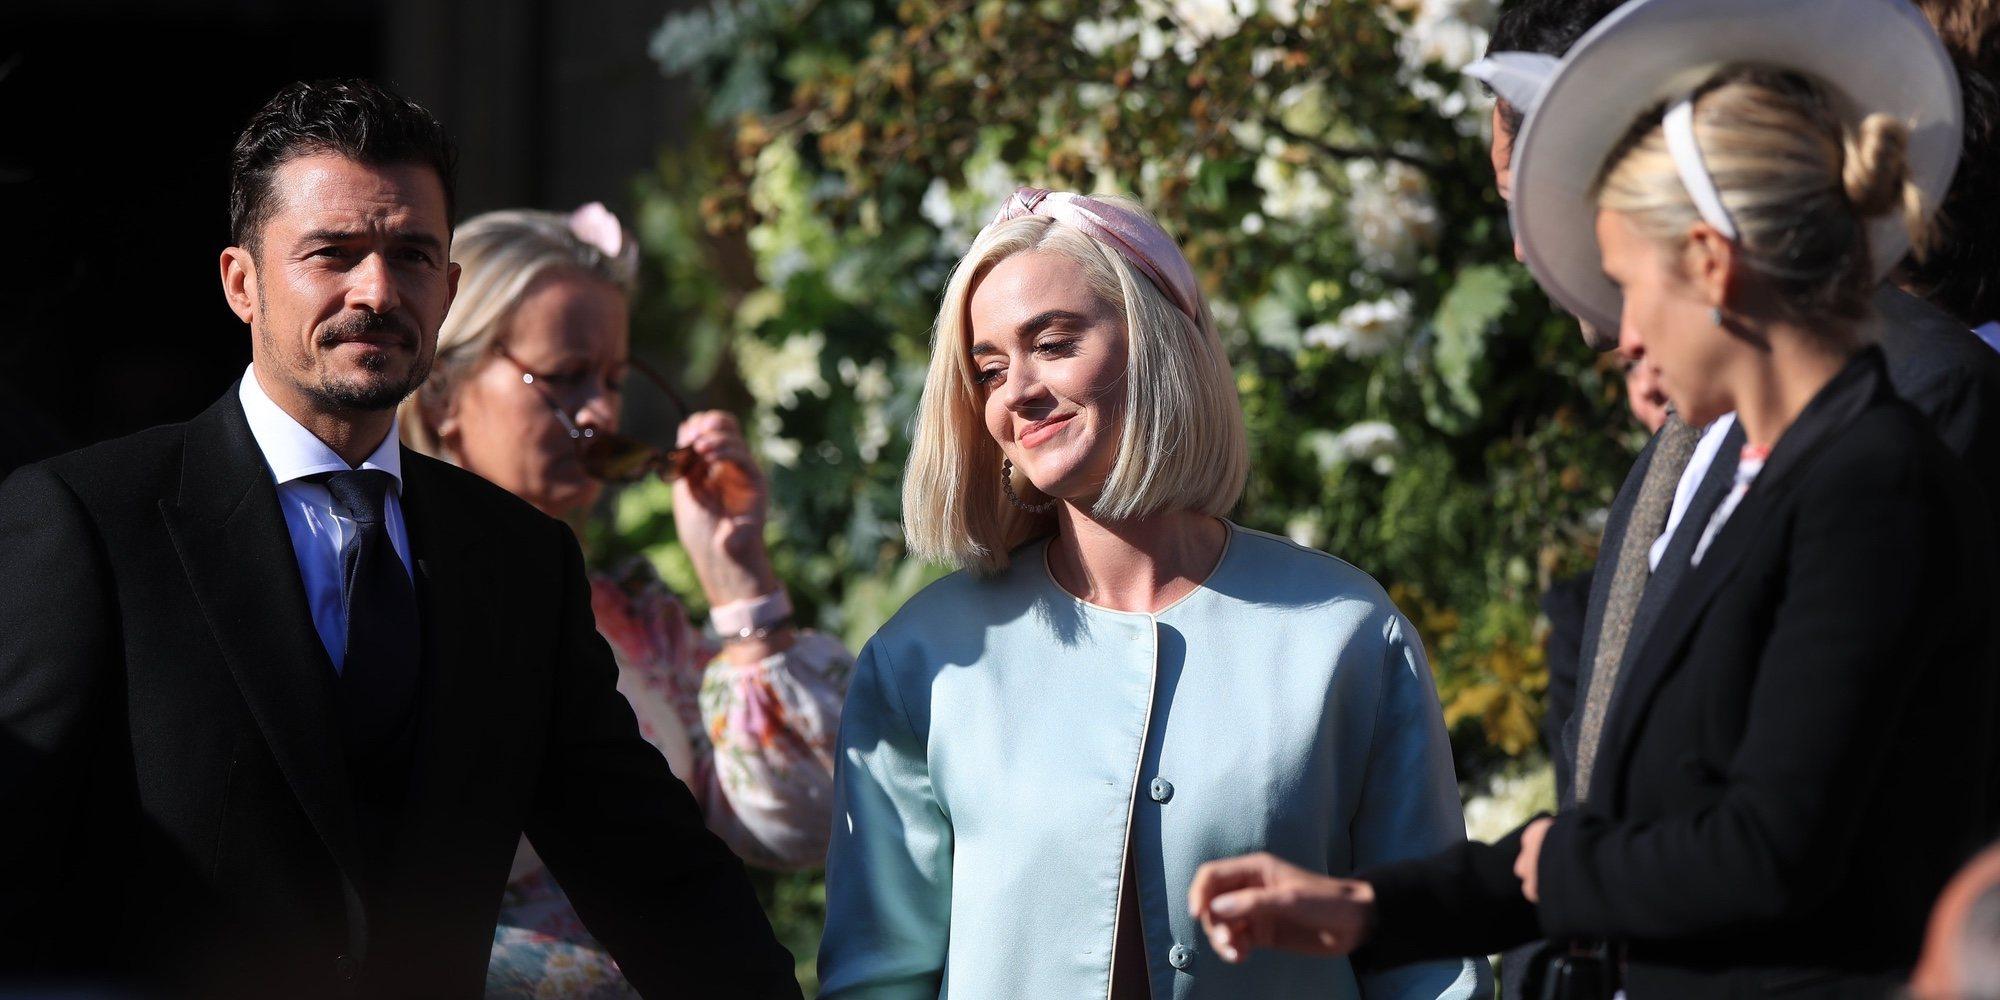 Katy Perry confiesa que Orlando Bloom le ayudó a salir de una fuerte depresión